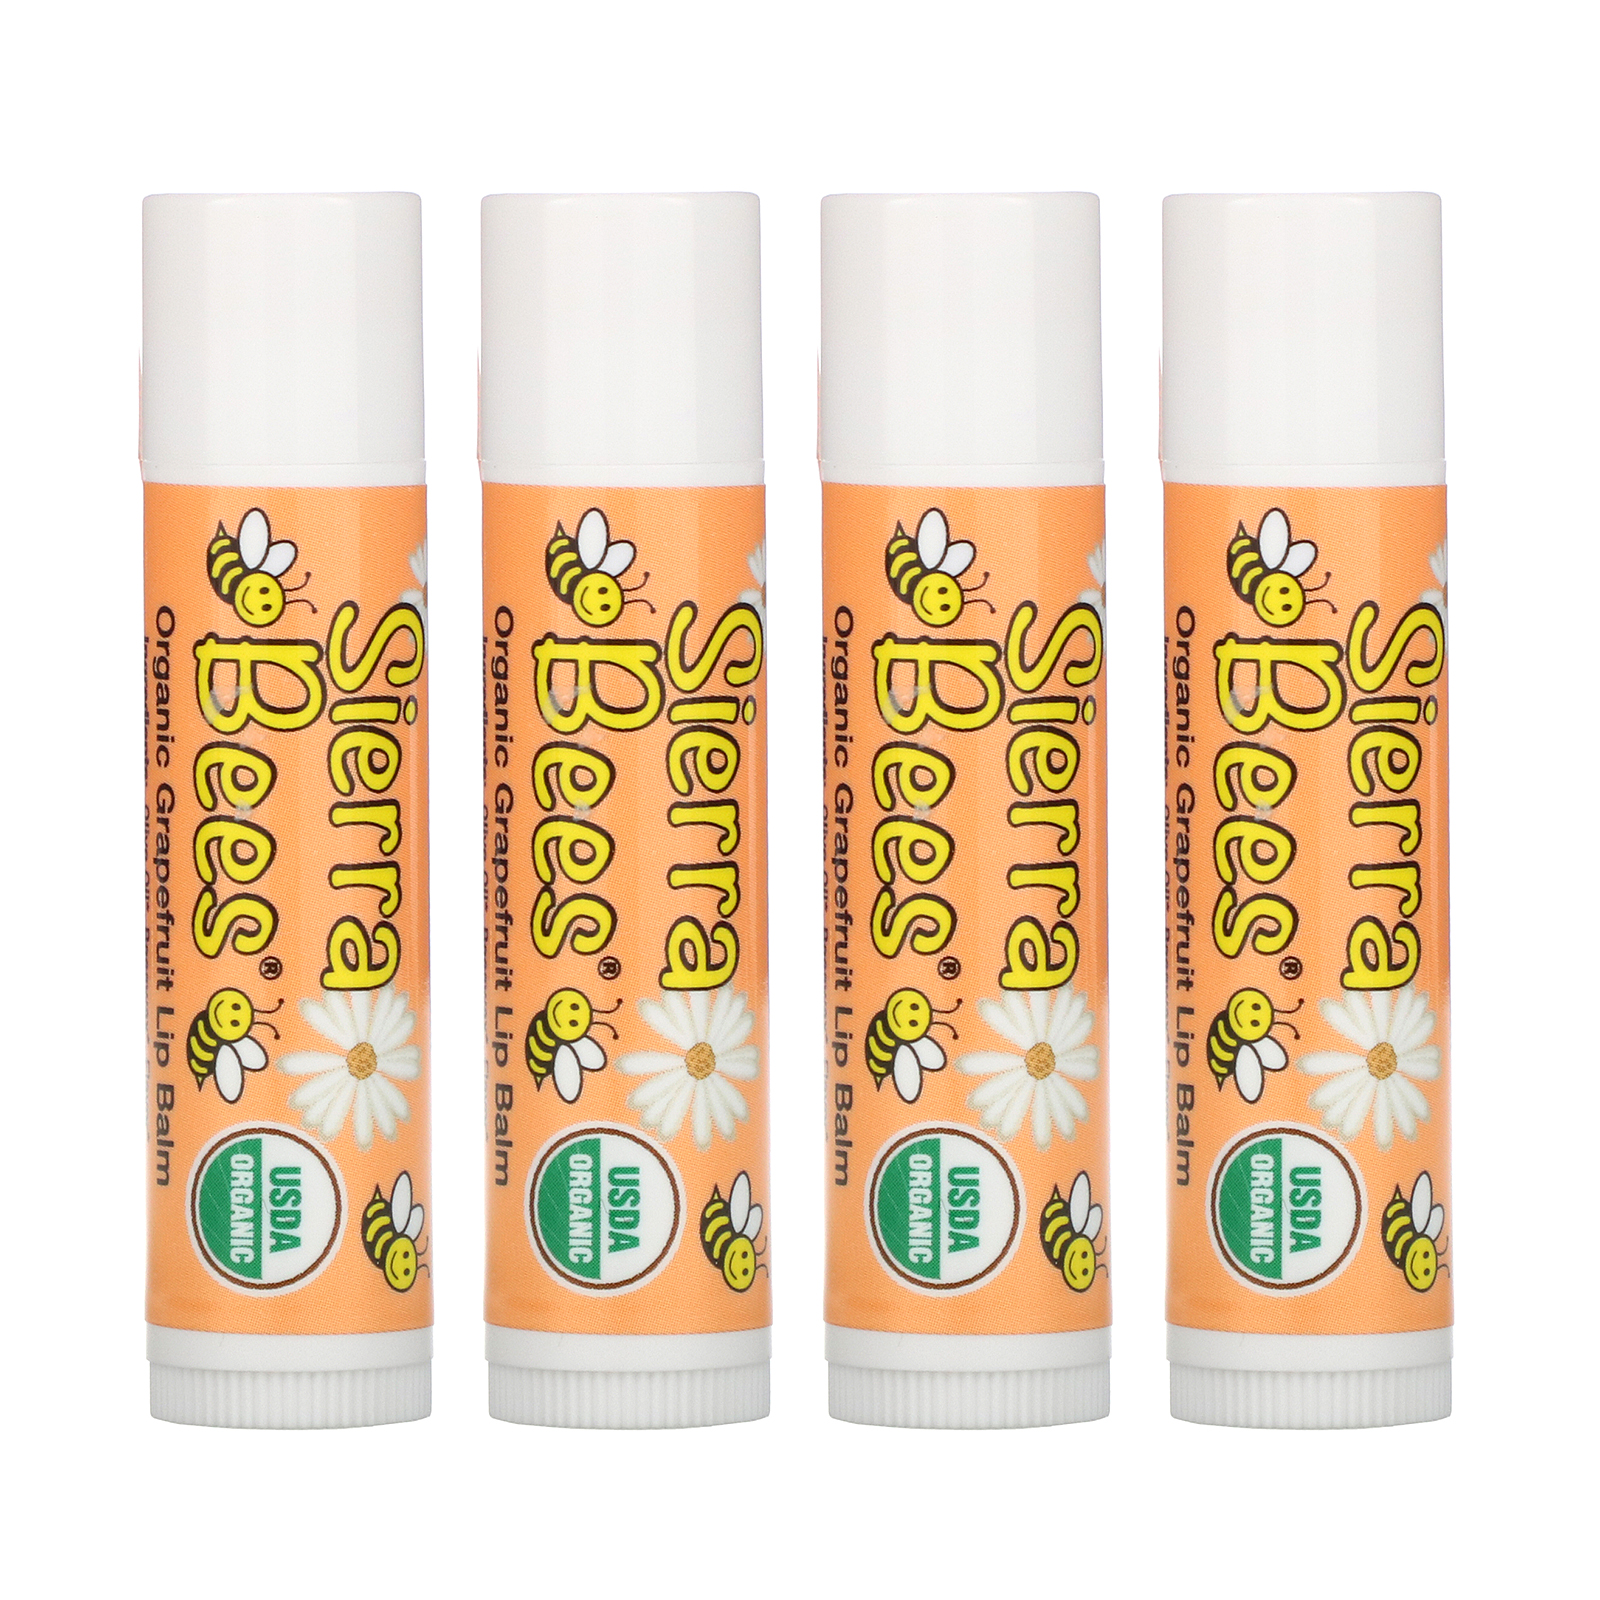 Sierra Bees, Органические бальзамы для губ, грейпфрут, 4 в упаковке, 4,25 г каждый